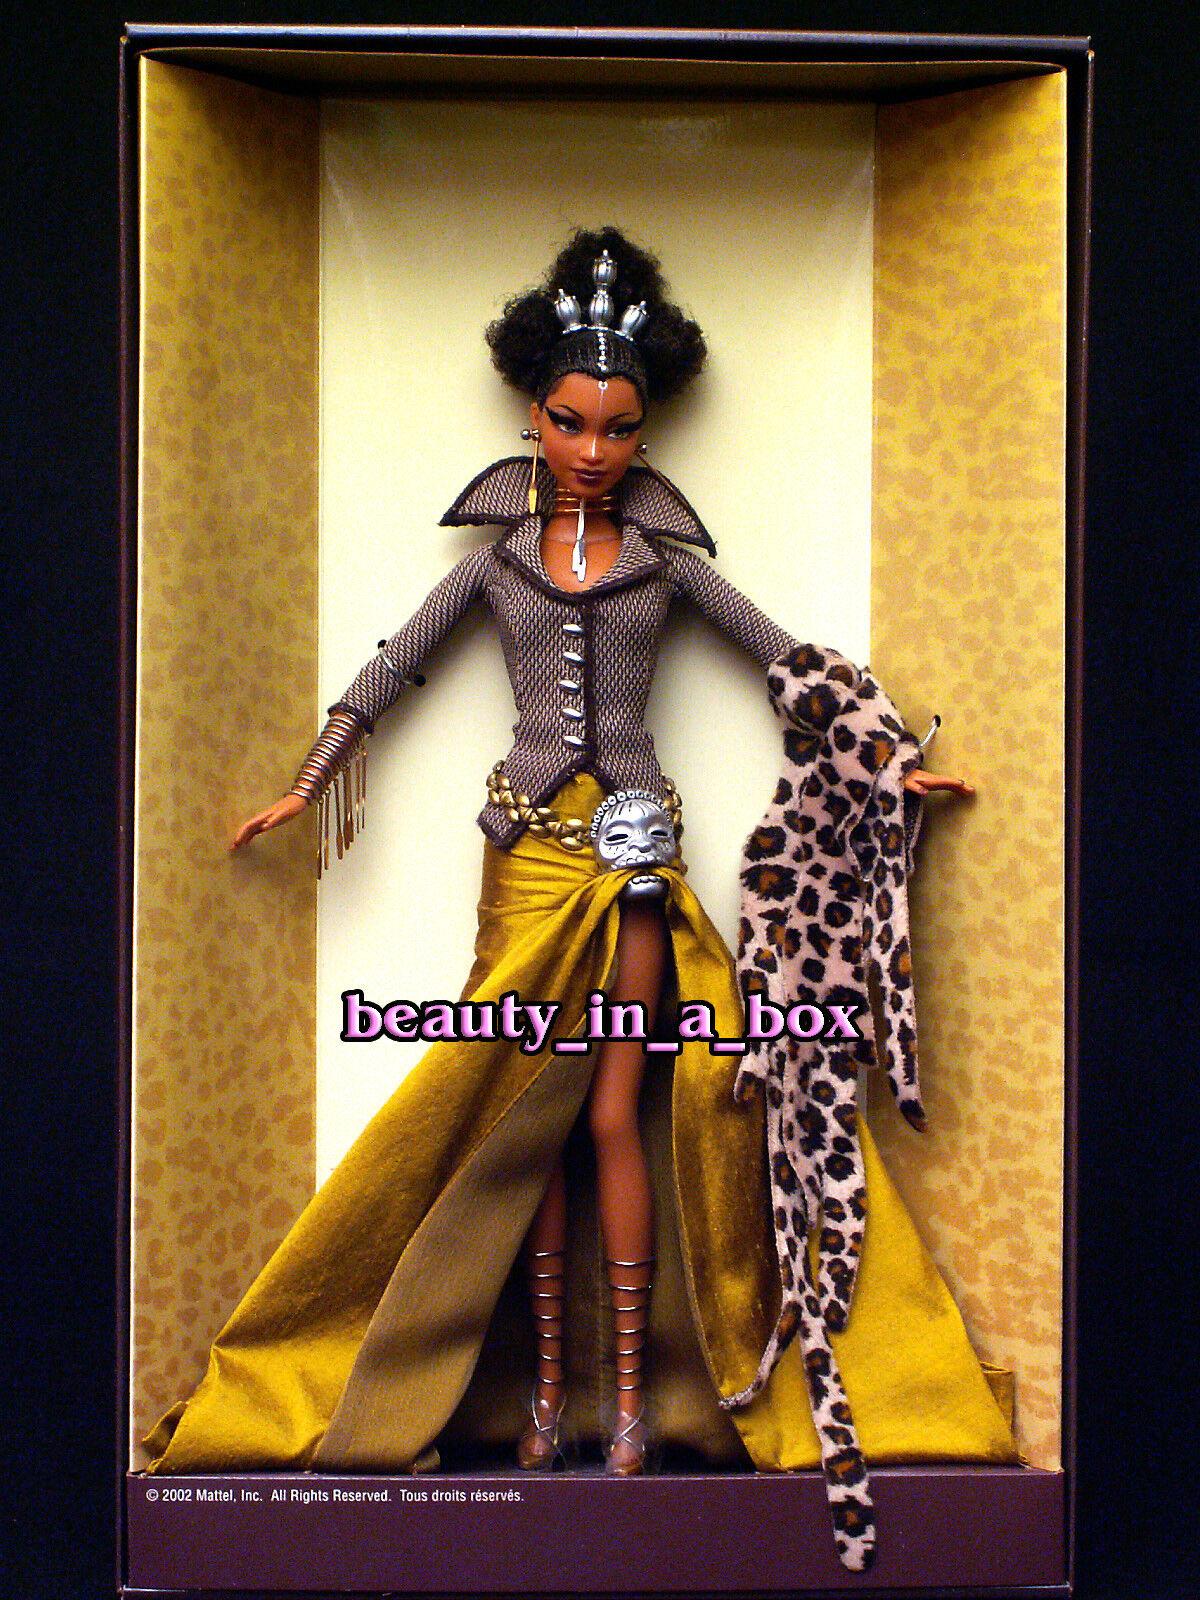 Muñeca Barbie Tatu tesoros de África Byron Lars African American AA en muy buena condición nunca quitado de la Caja